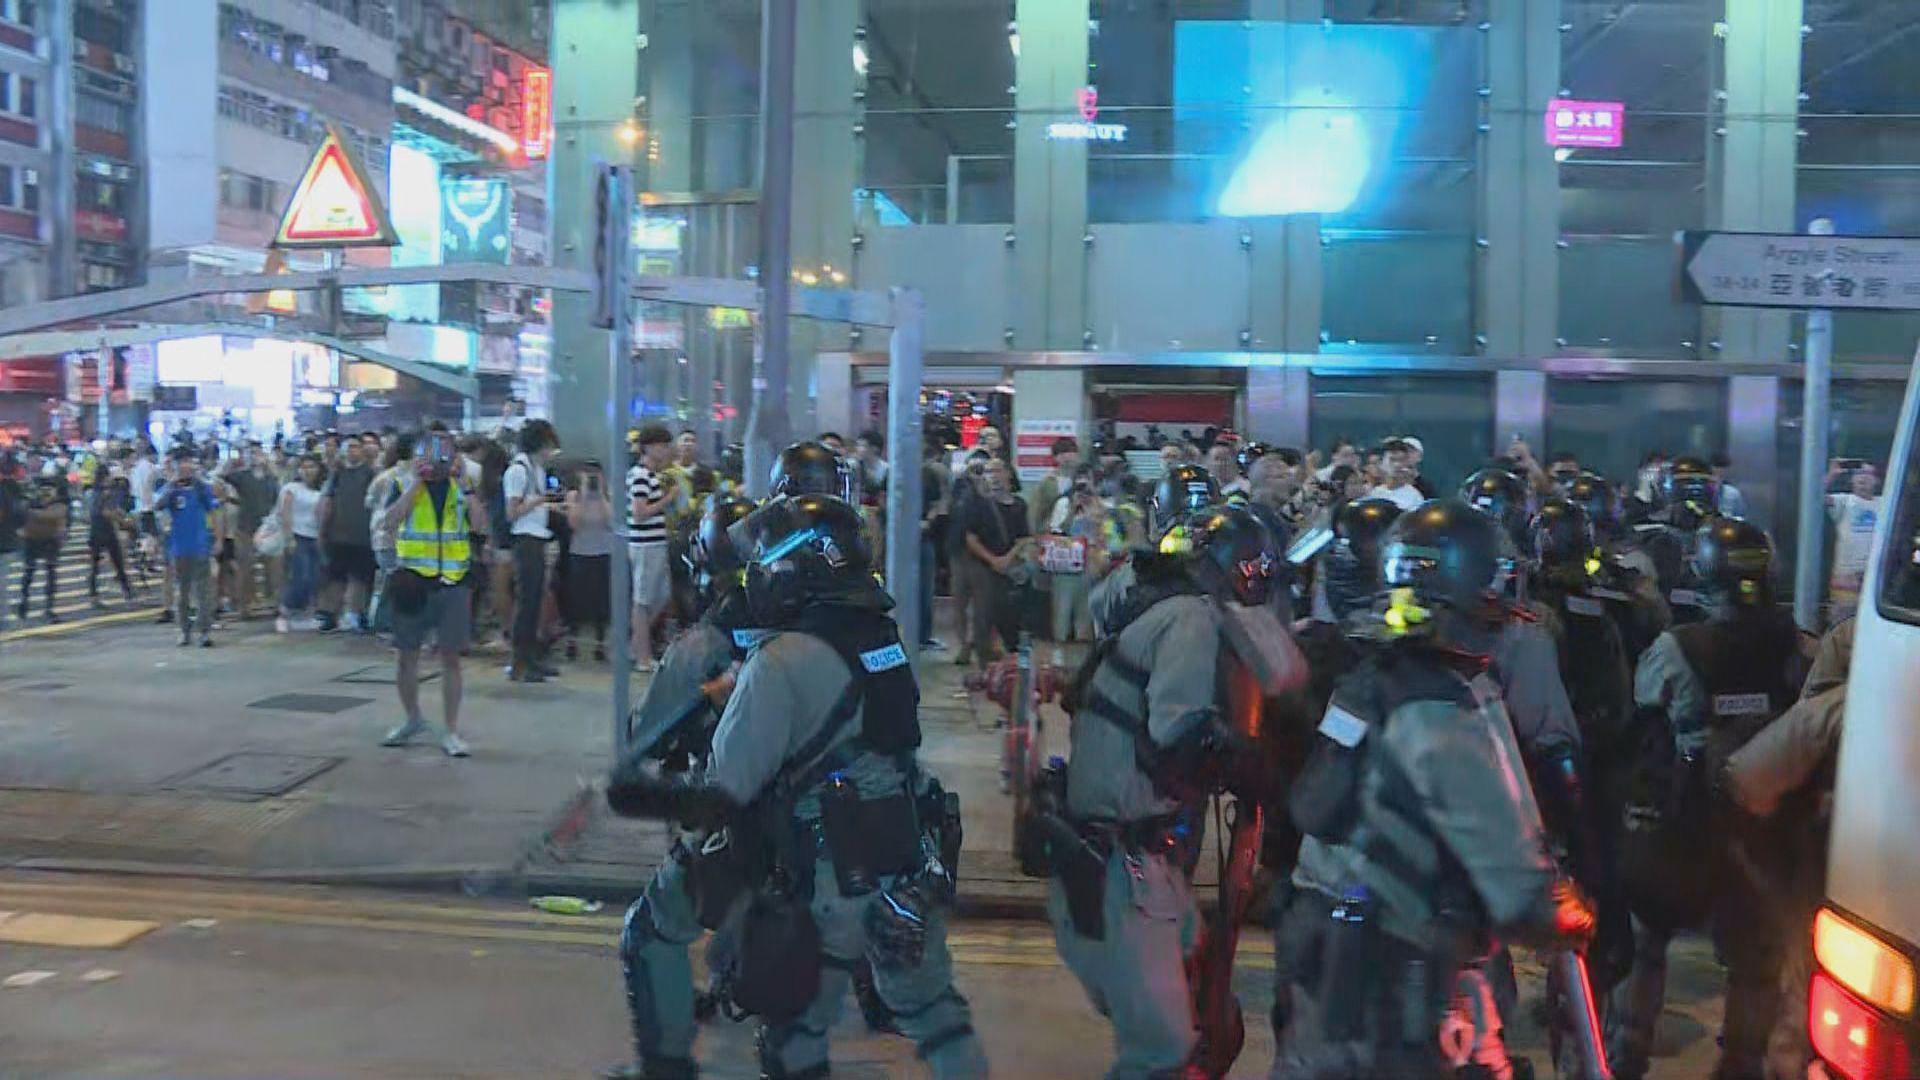 入夜後示威者旺角聚集 有人向警察擲磚頭